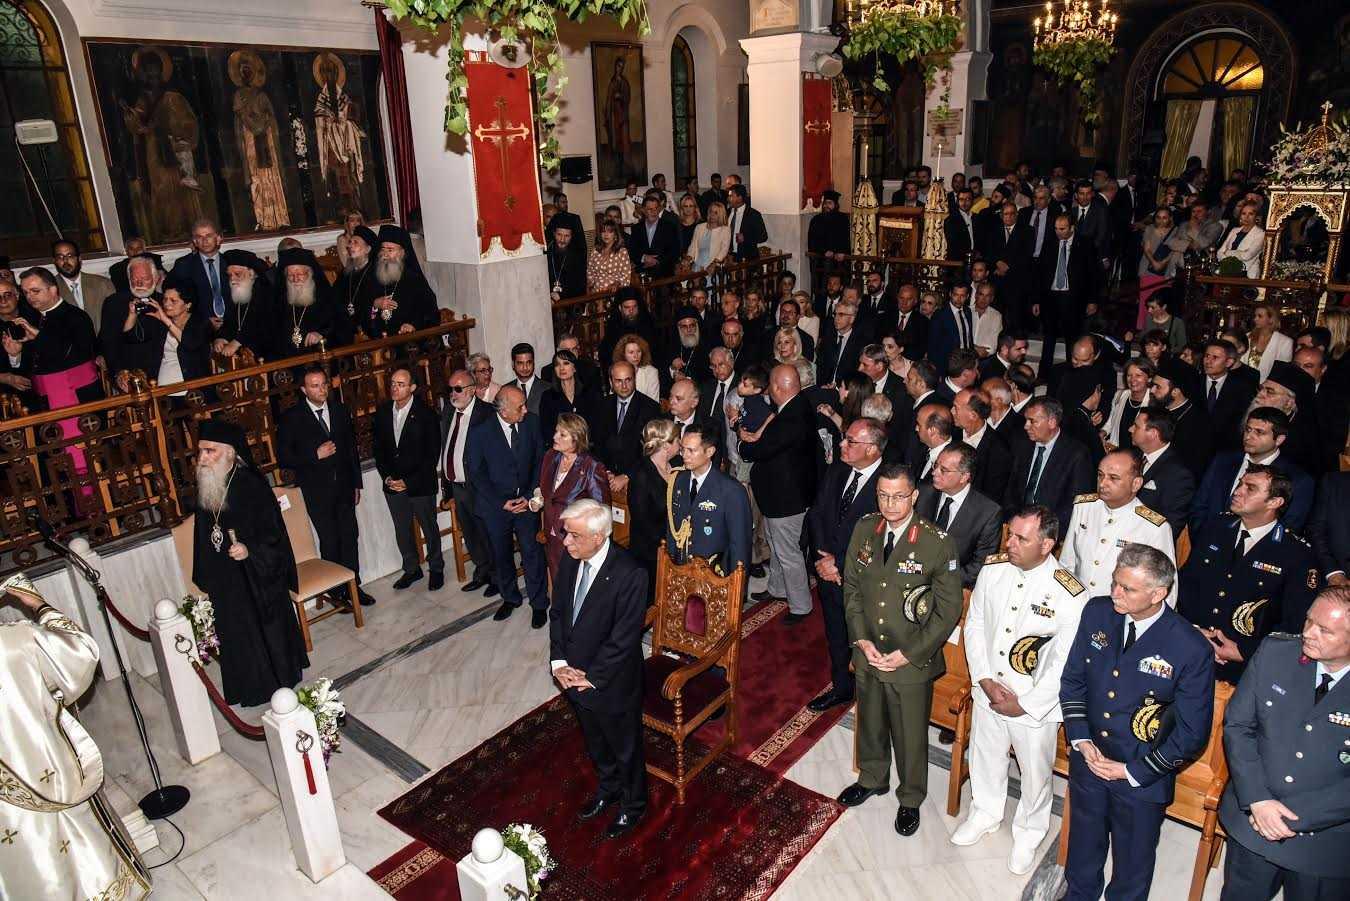 Ο Προκόπης Παυλόπουλος στην υποδοχή του ιερού λειψάνου της Αγίας Ελένης